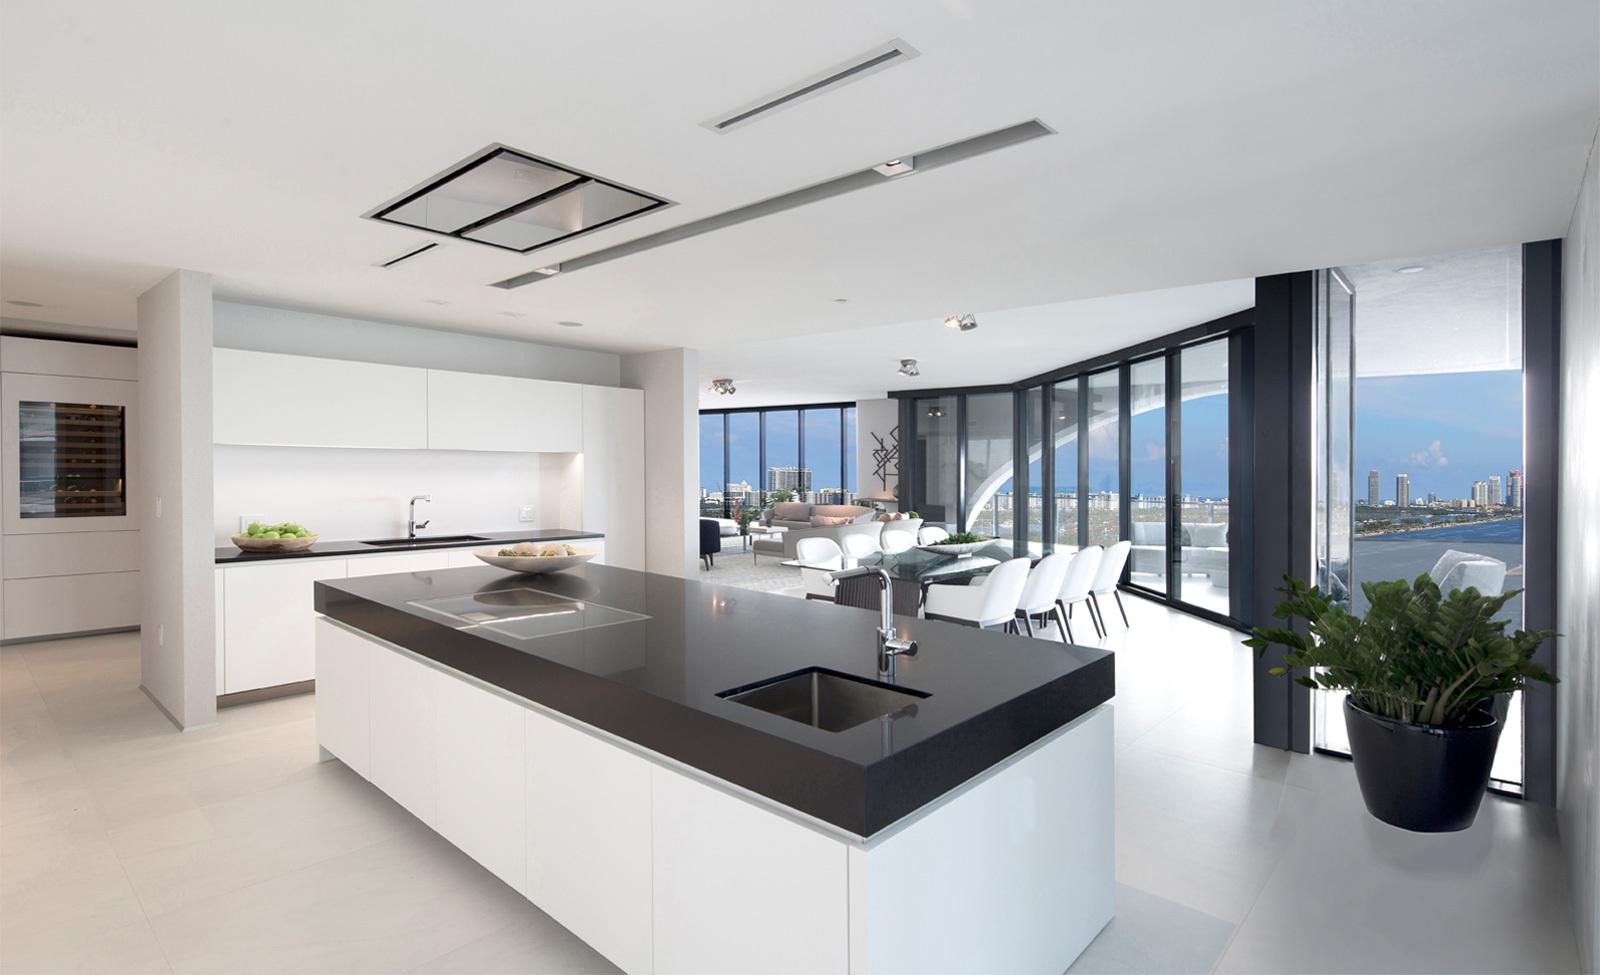 La cocina de una de las casas como la de los Beckham.